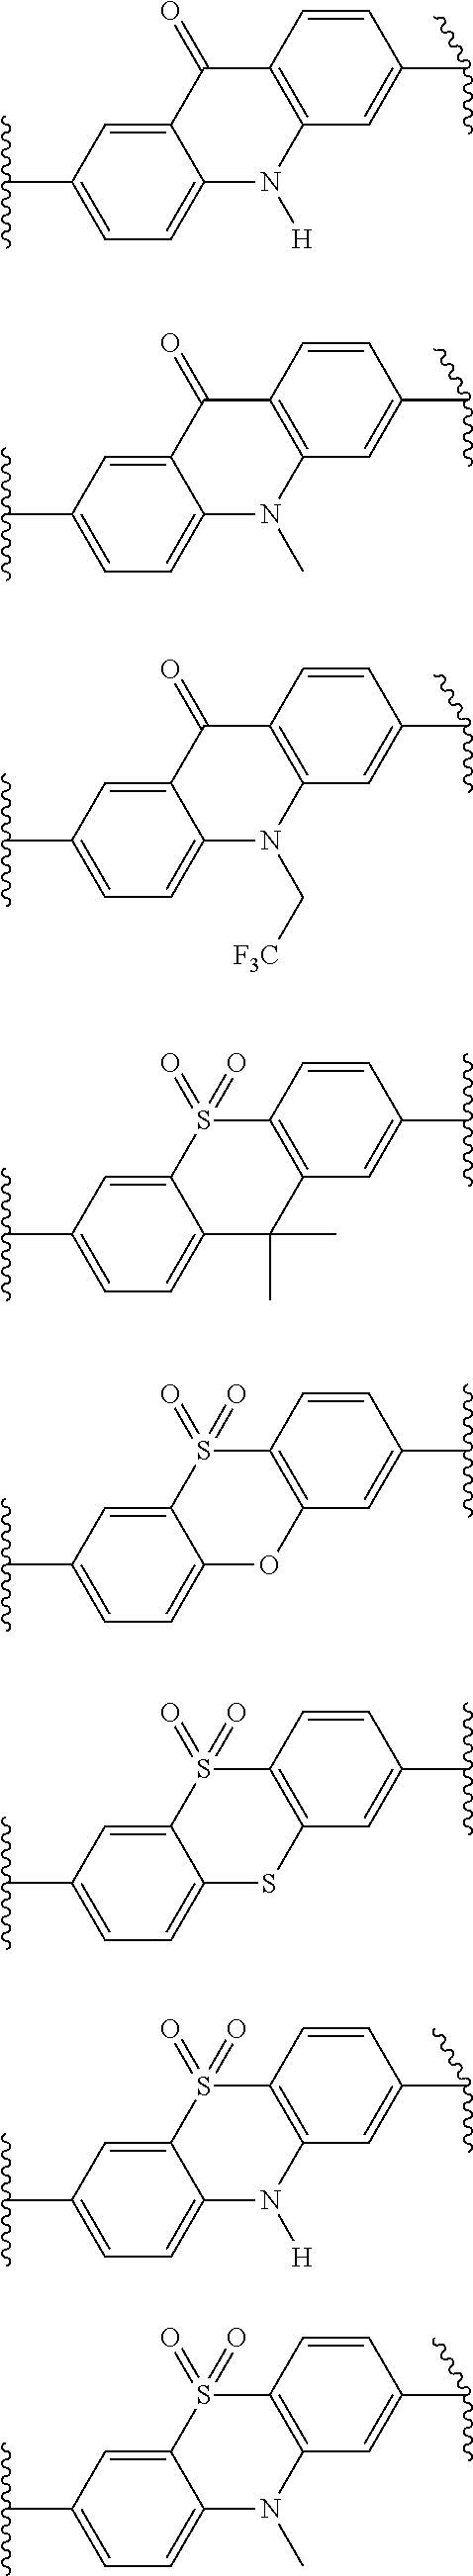 Figure US08822430-20140902-C00111